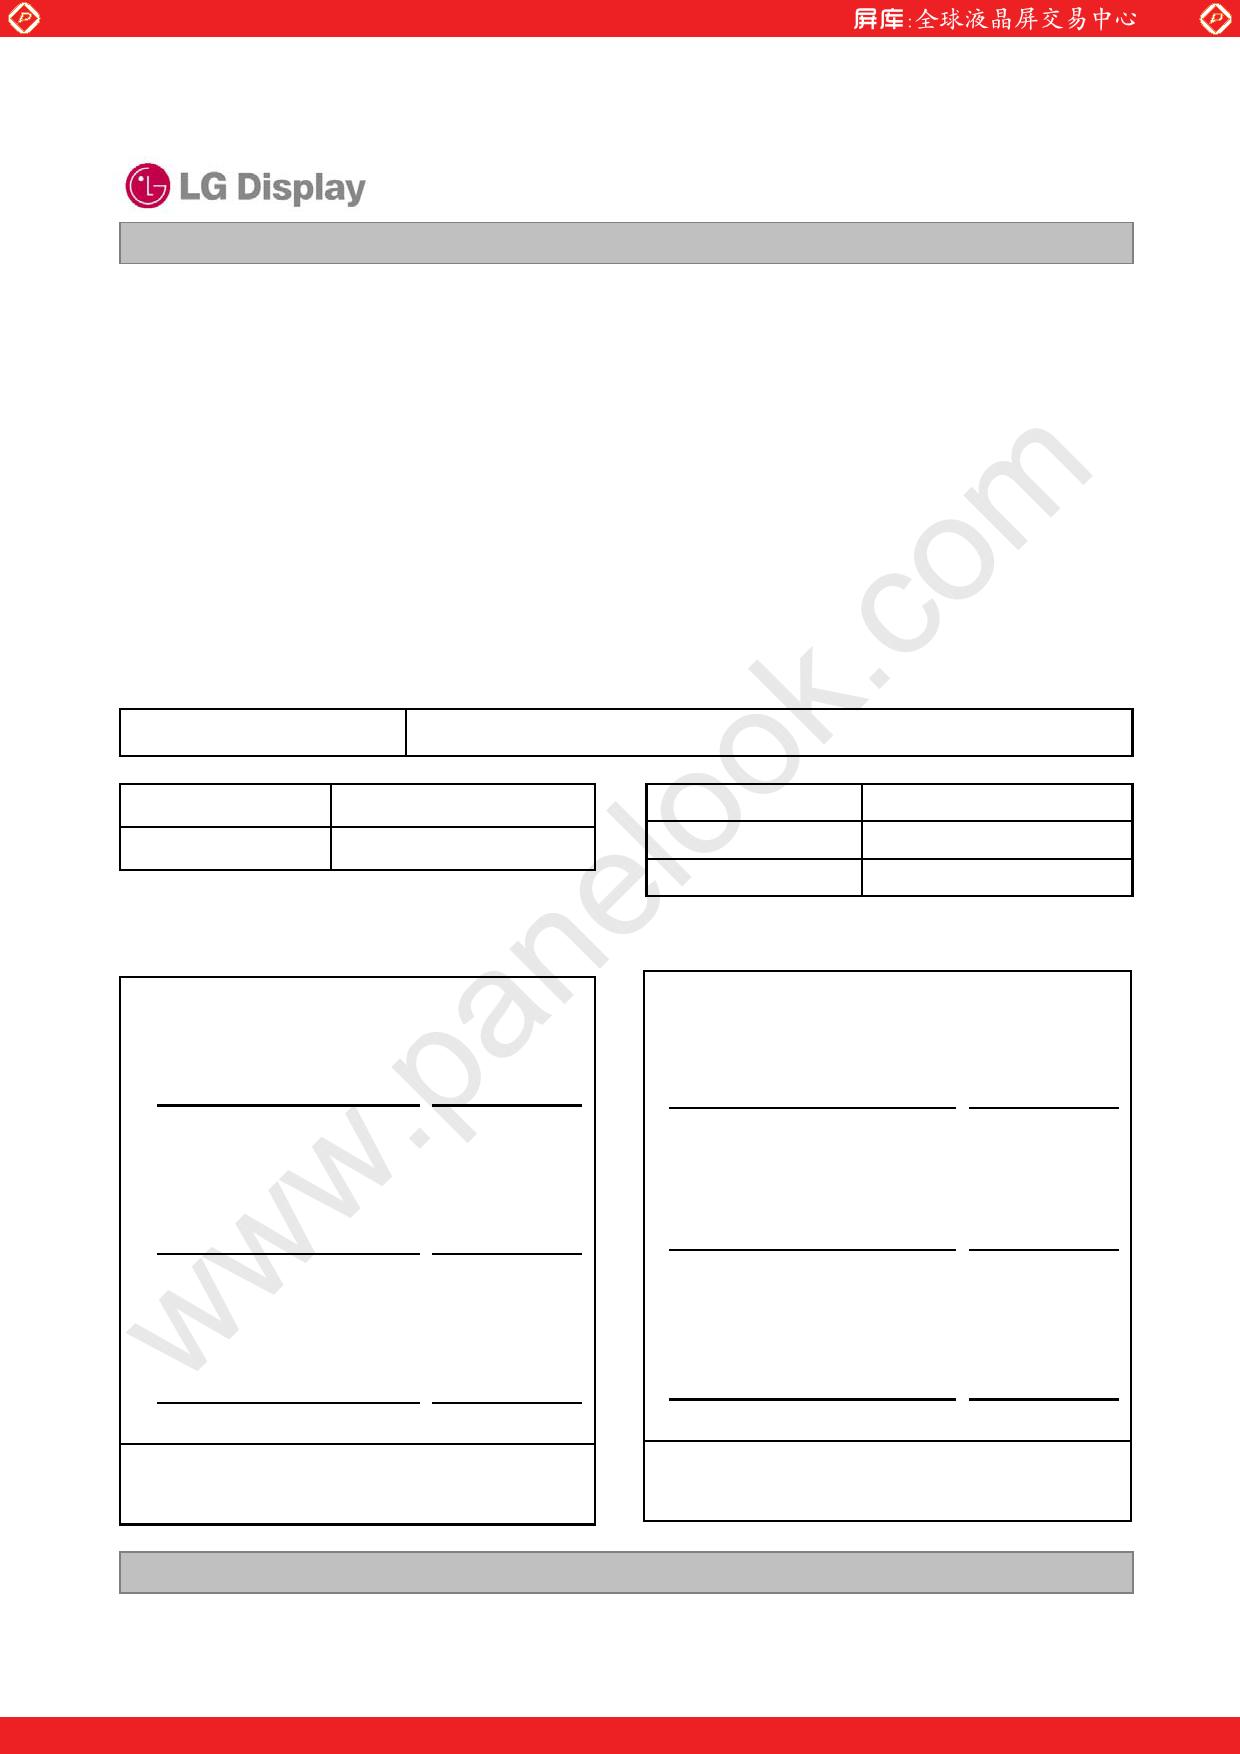 LC320WUN-SAB4 datasheet